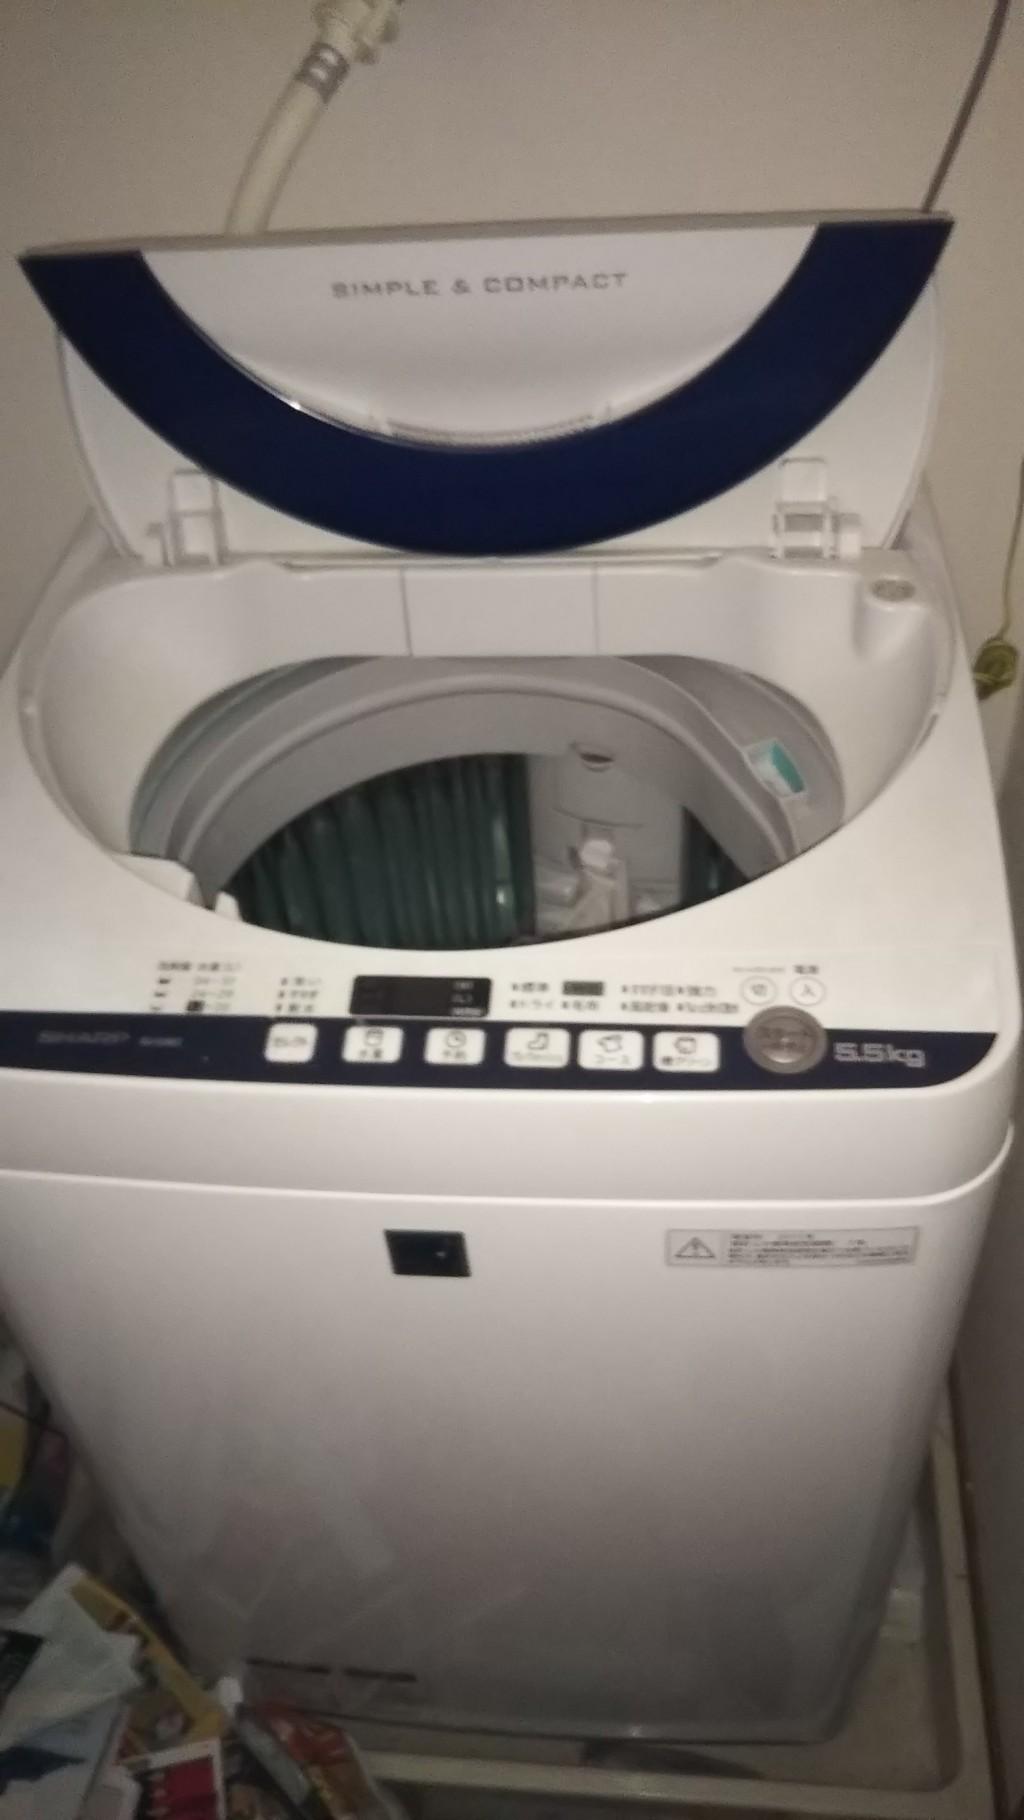 【松江市】洗濯機と折り畳みベッドの処分☆急な引っ越しにも翌日対応でお喜びいただけました!